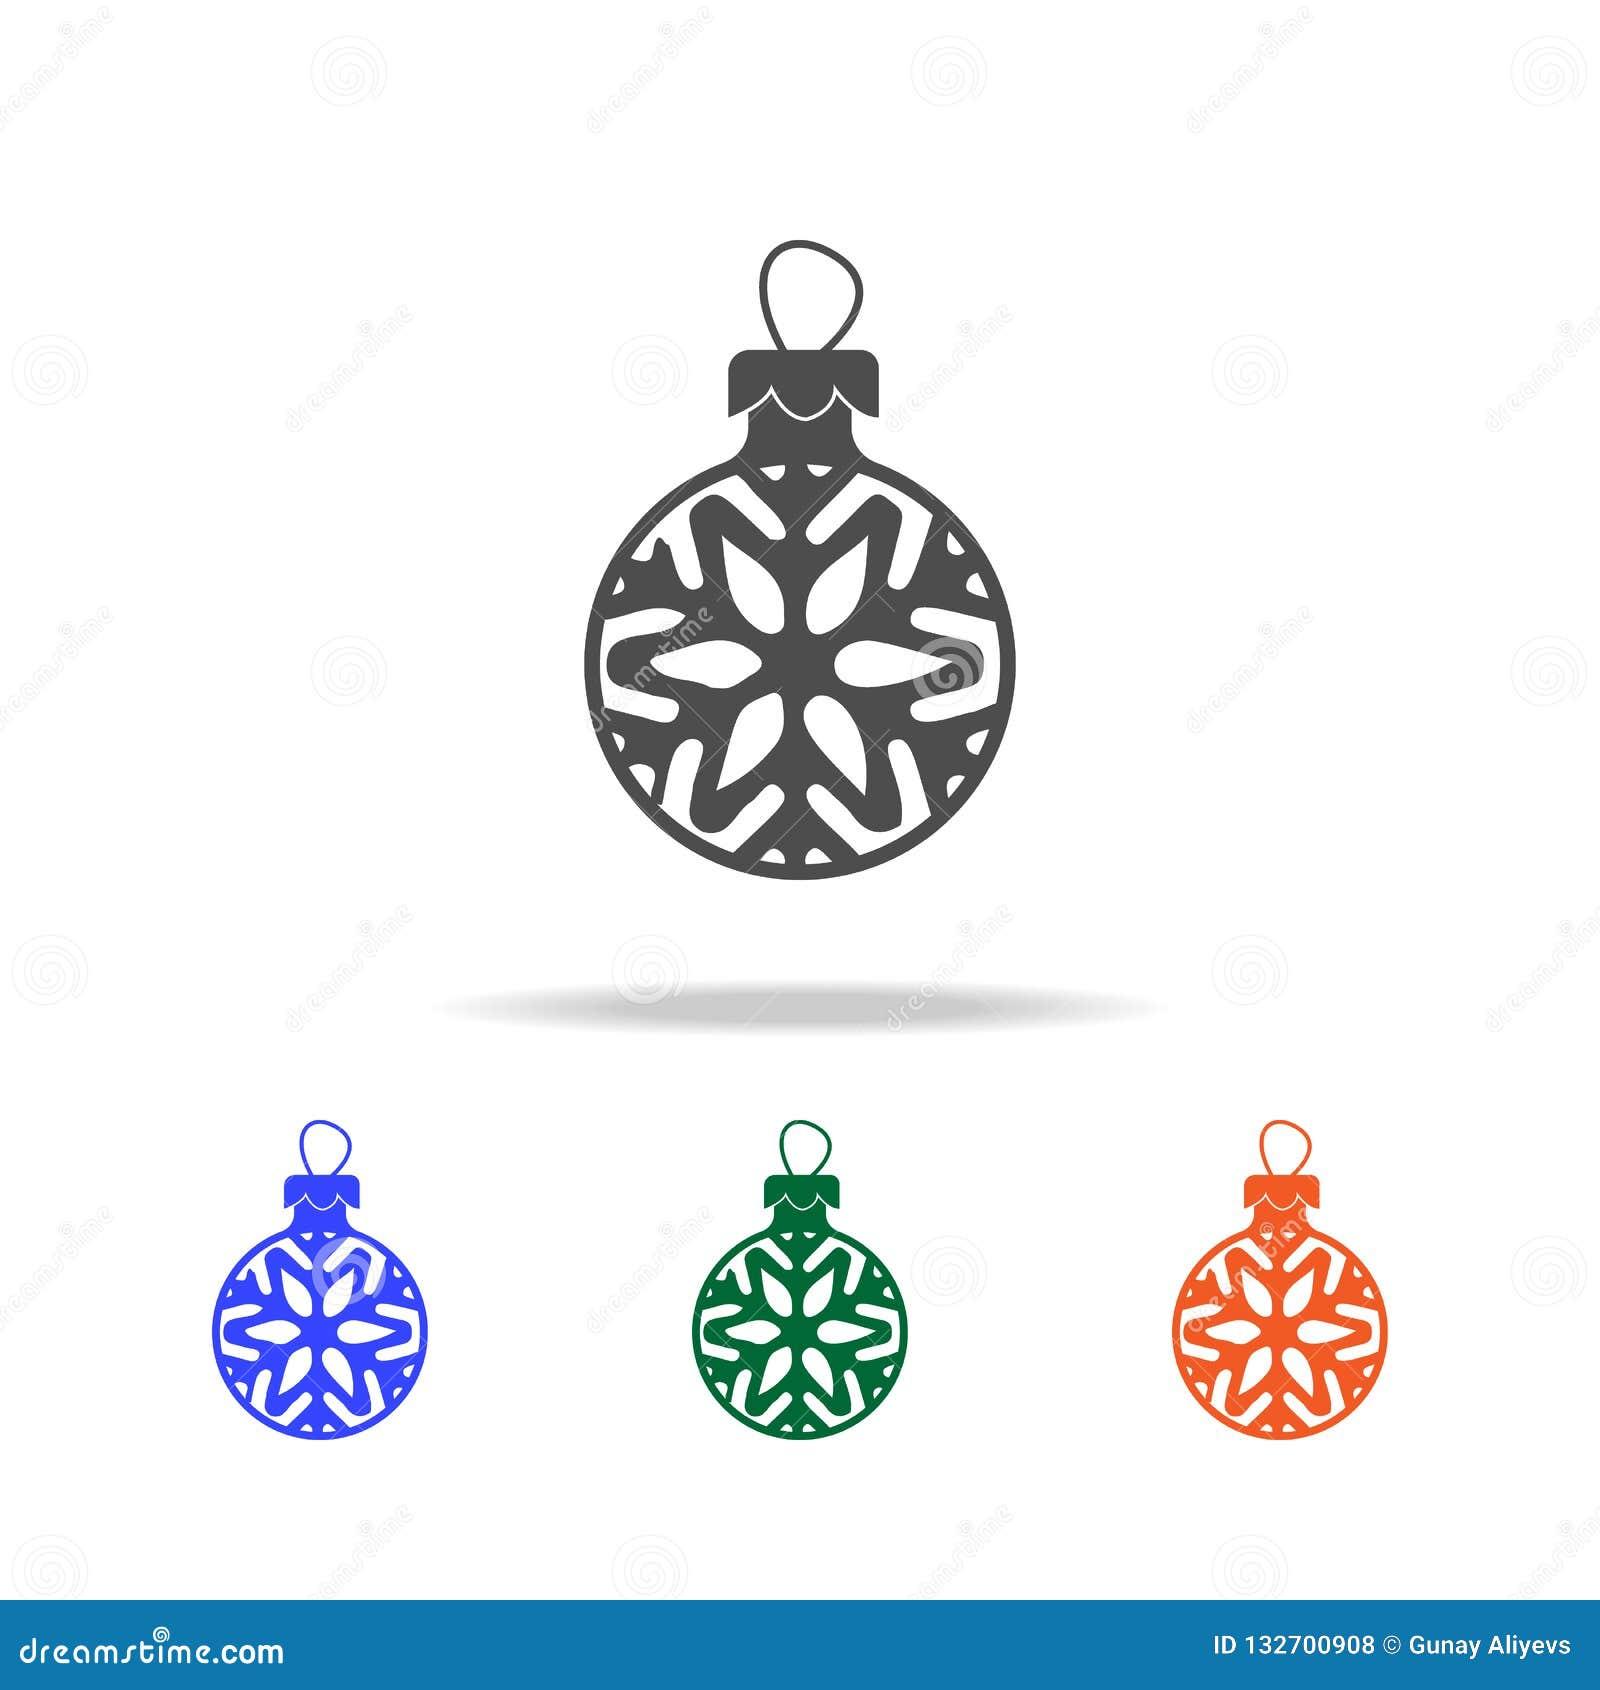 Christmas Holidays Icon.Premium Christmas Ball Icon Elements Of Christmas Holidays